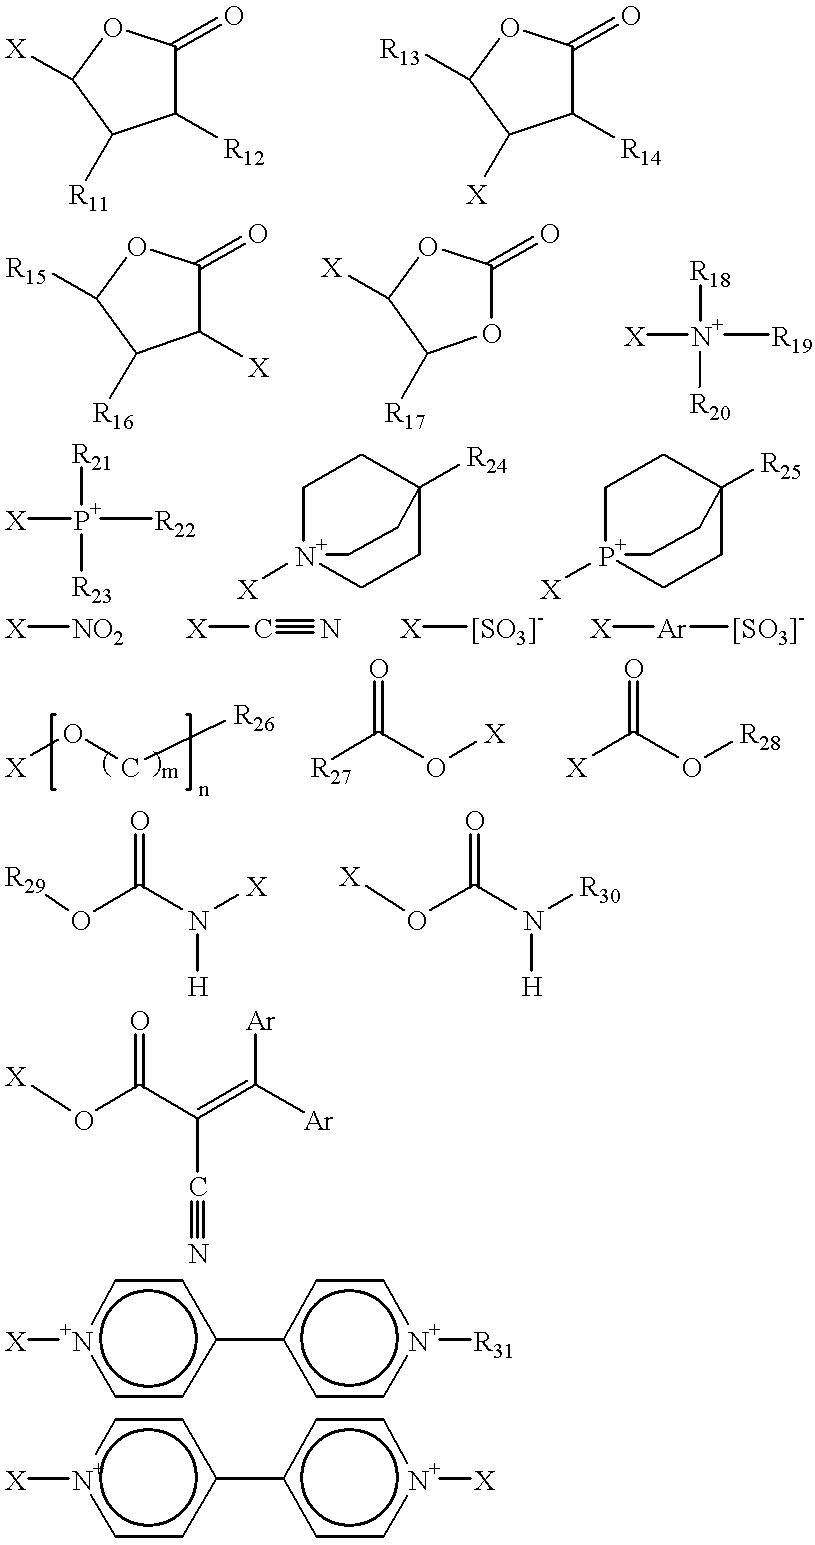 Figure US06262832-20010717-C00006